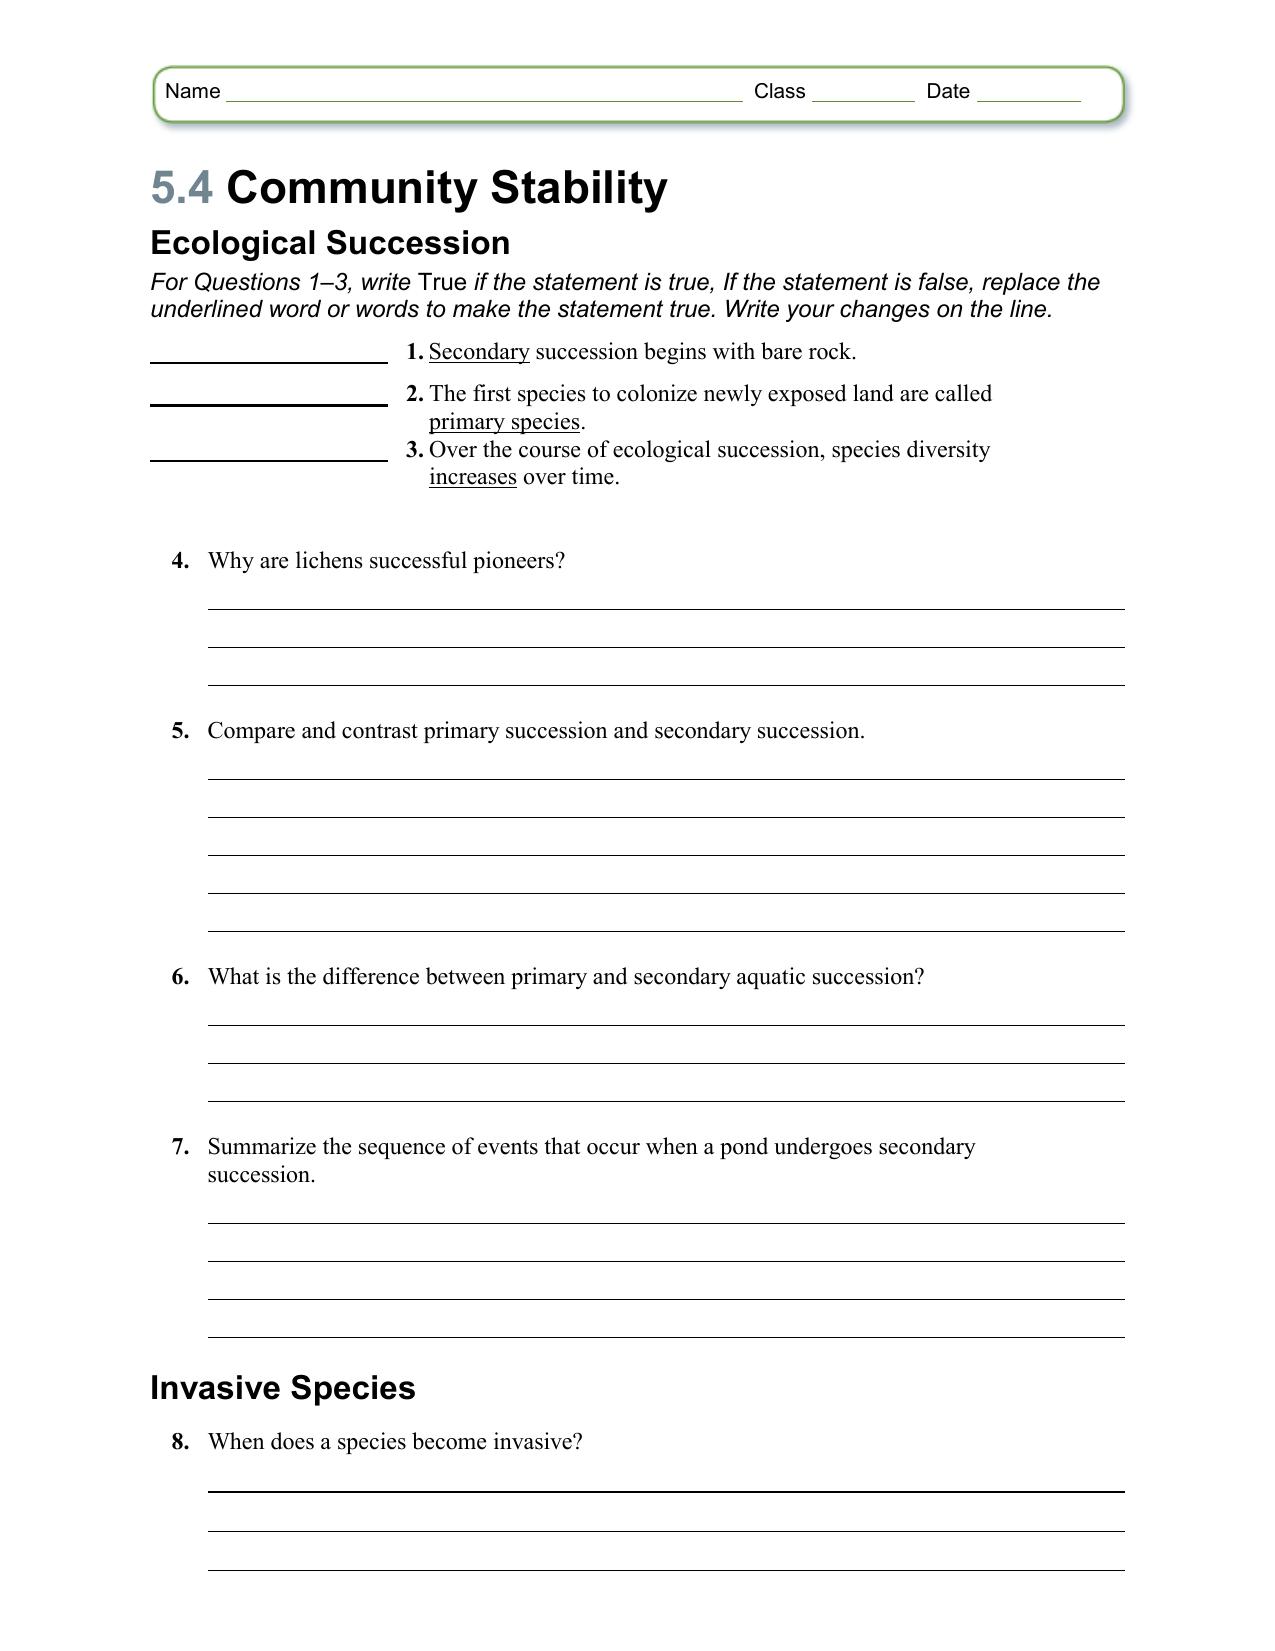 Worksheet Chapter 54 – Ecological Succession Worksheet